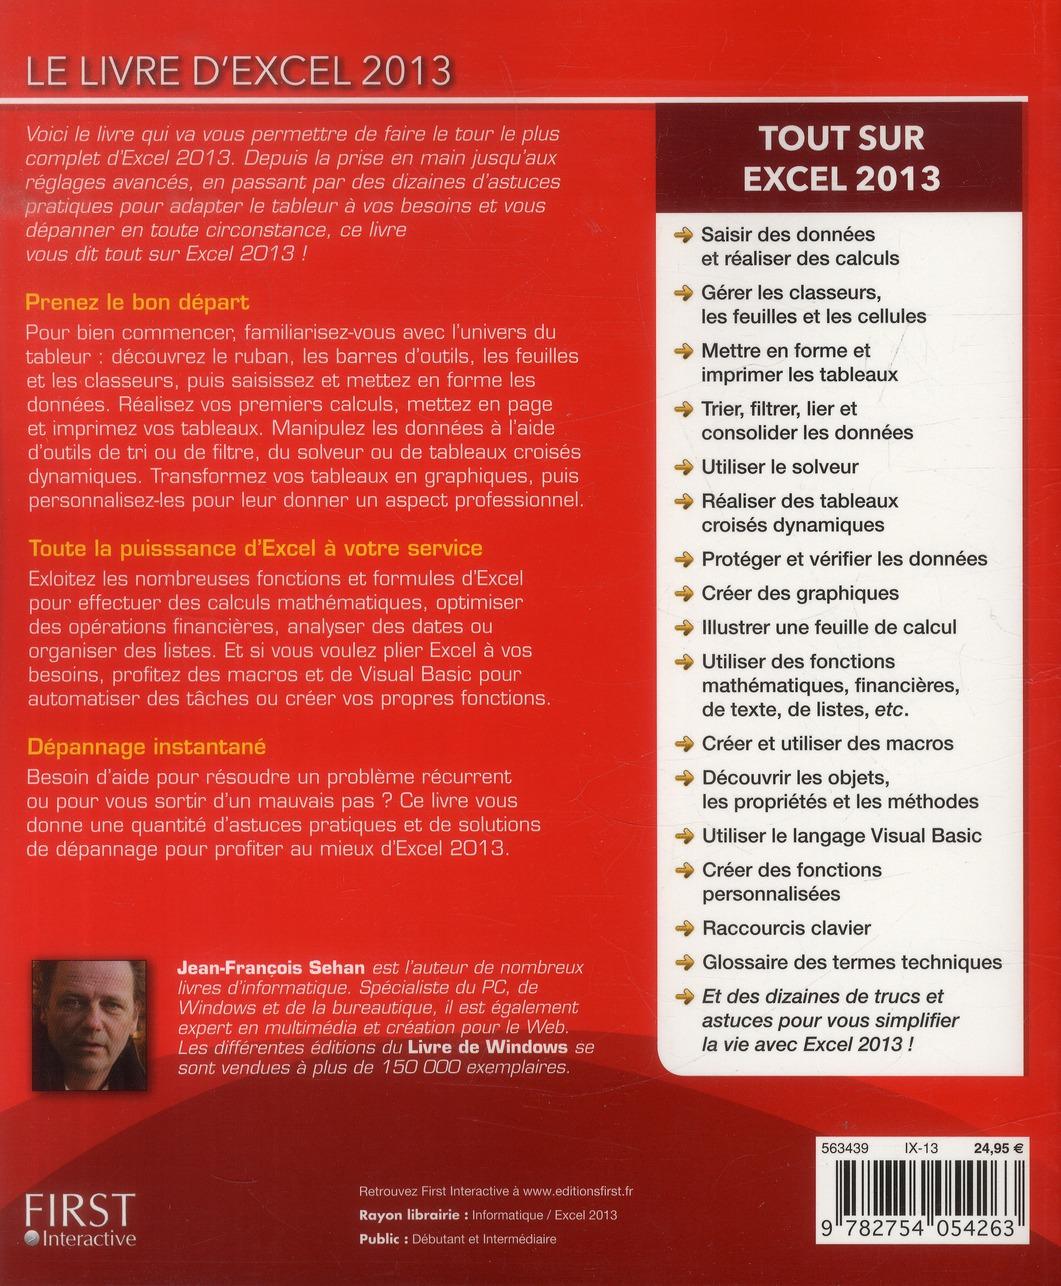 Le livre d'Excel 2013